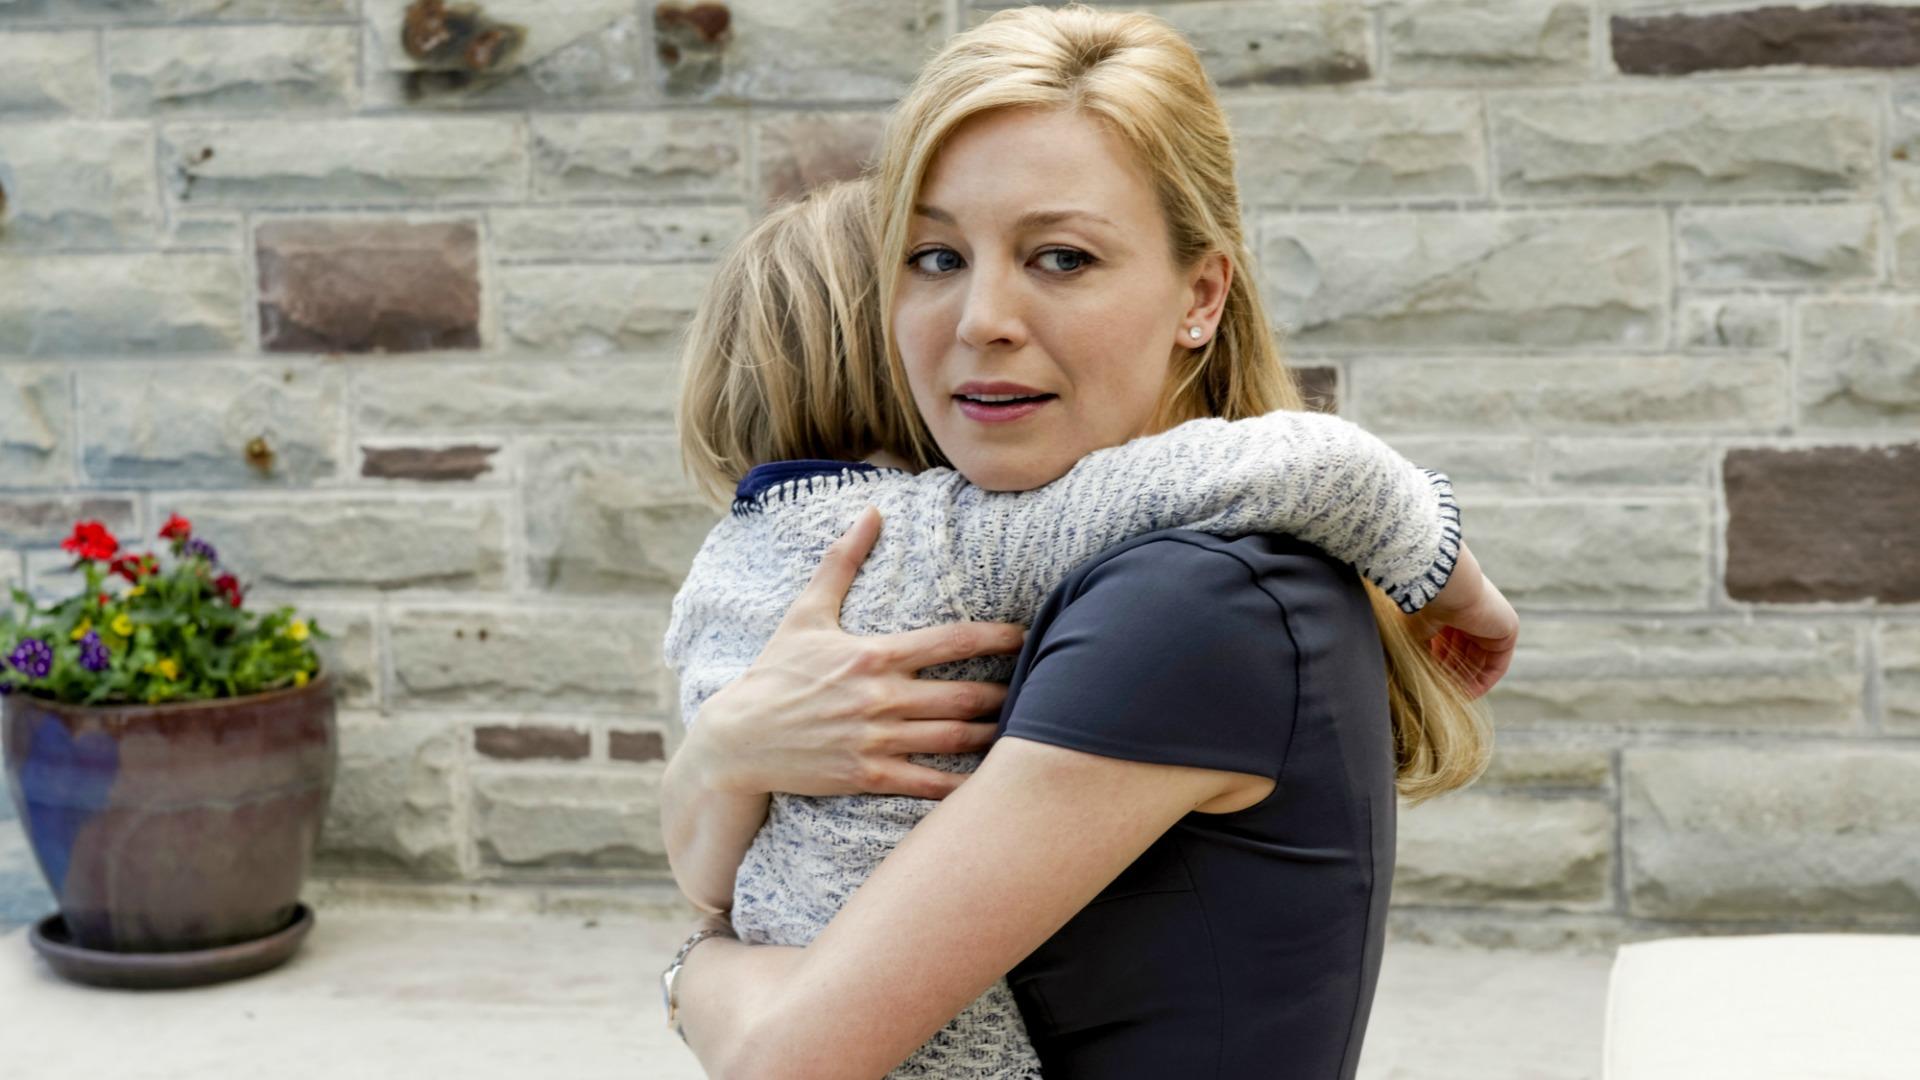 Alison hugs her daughter.